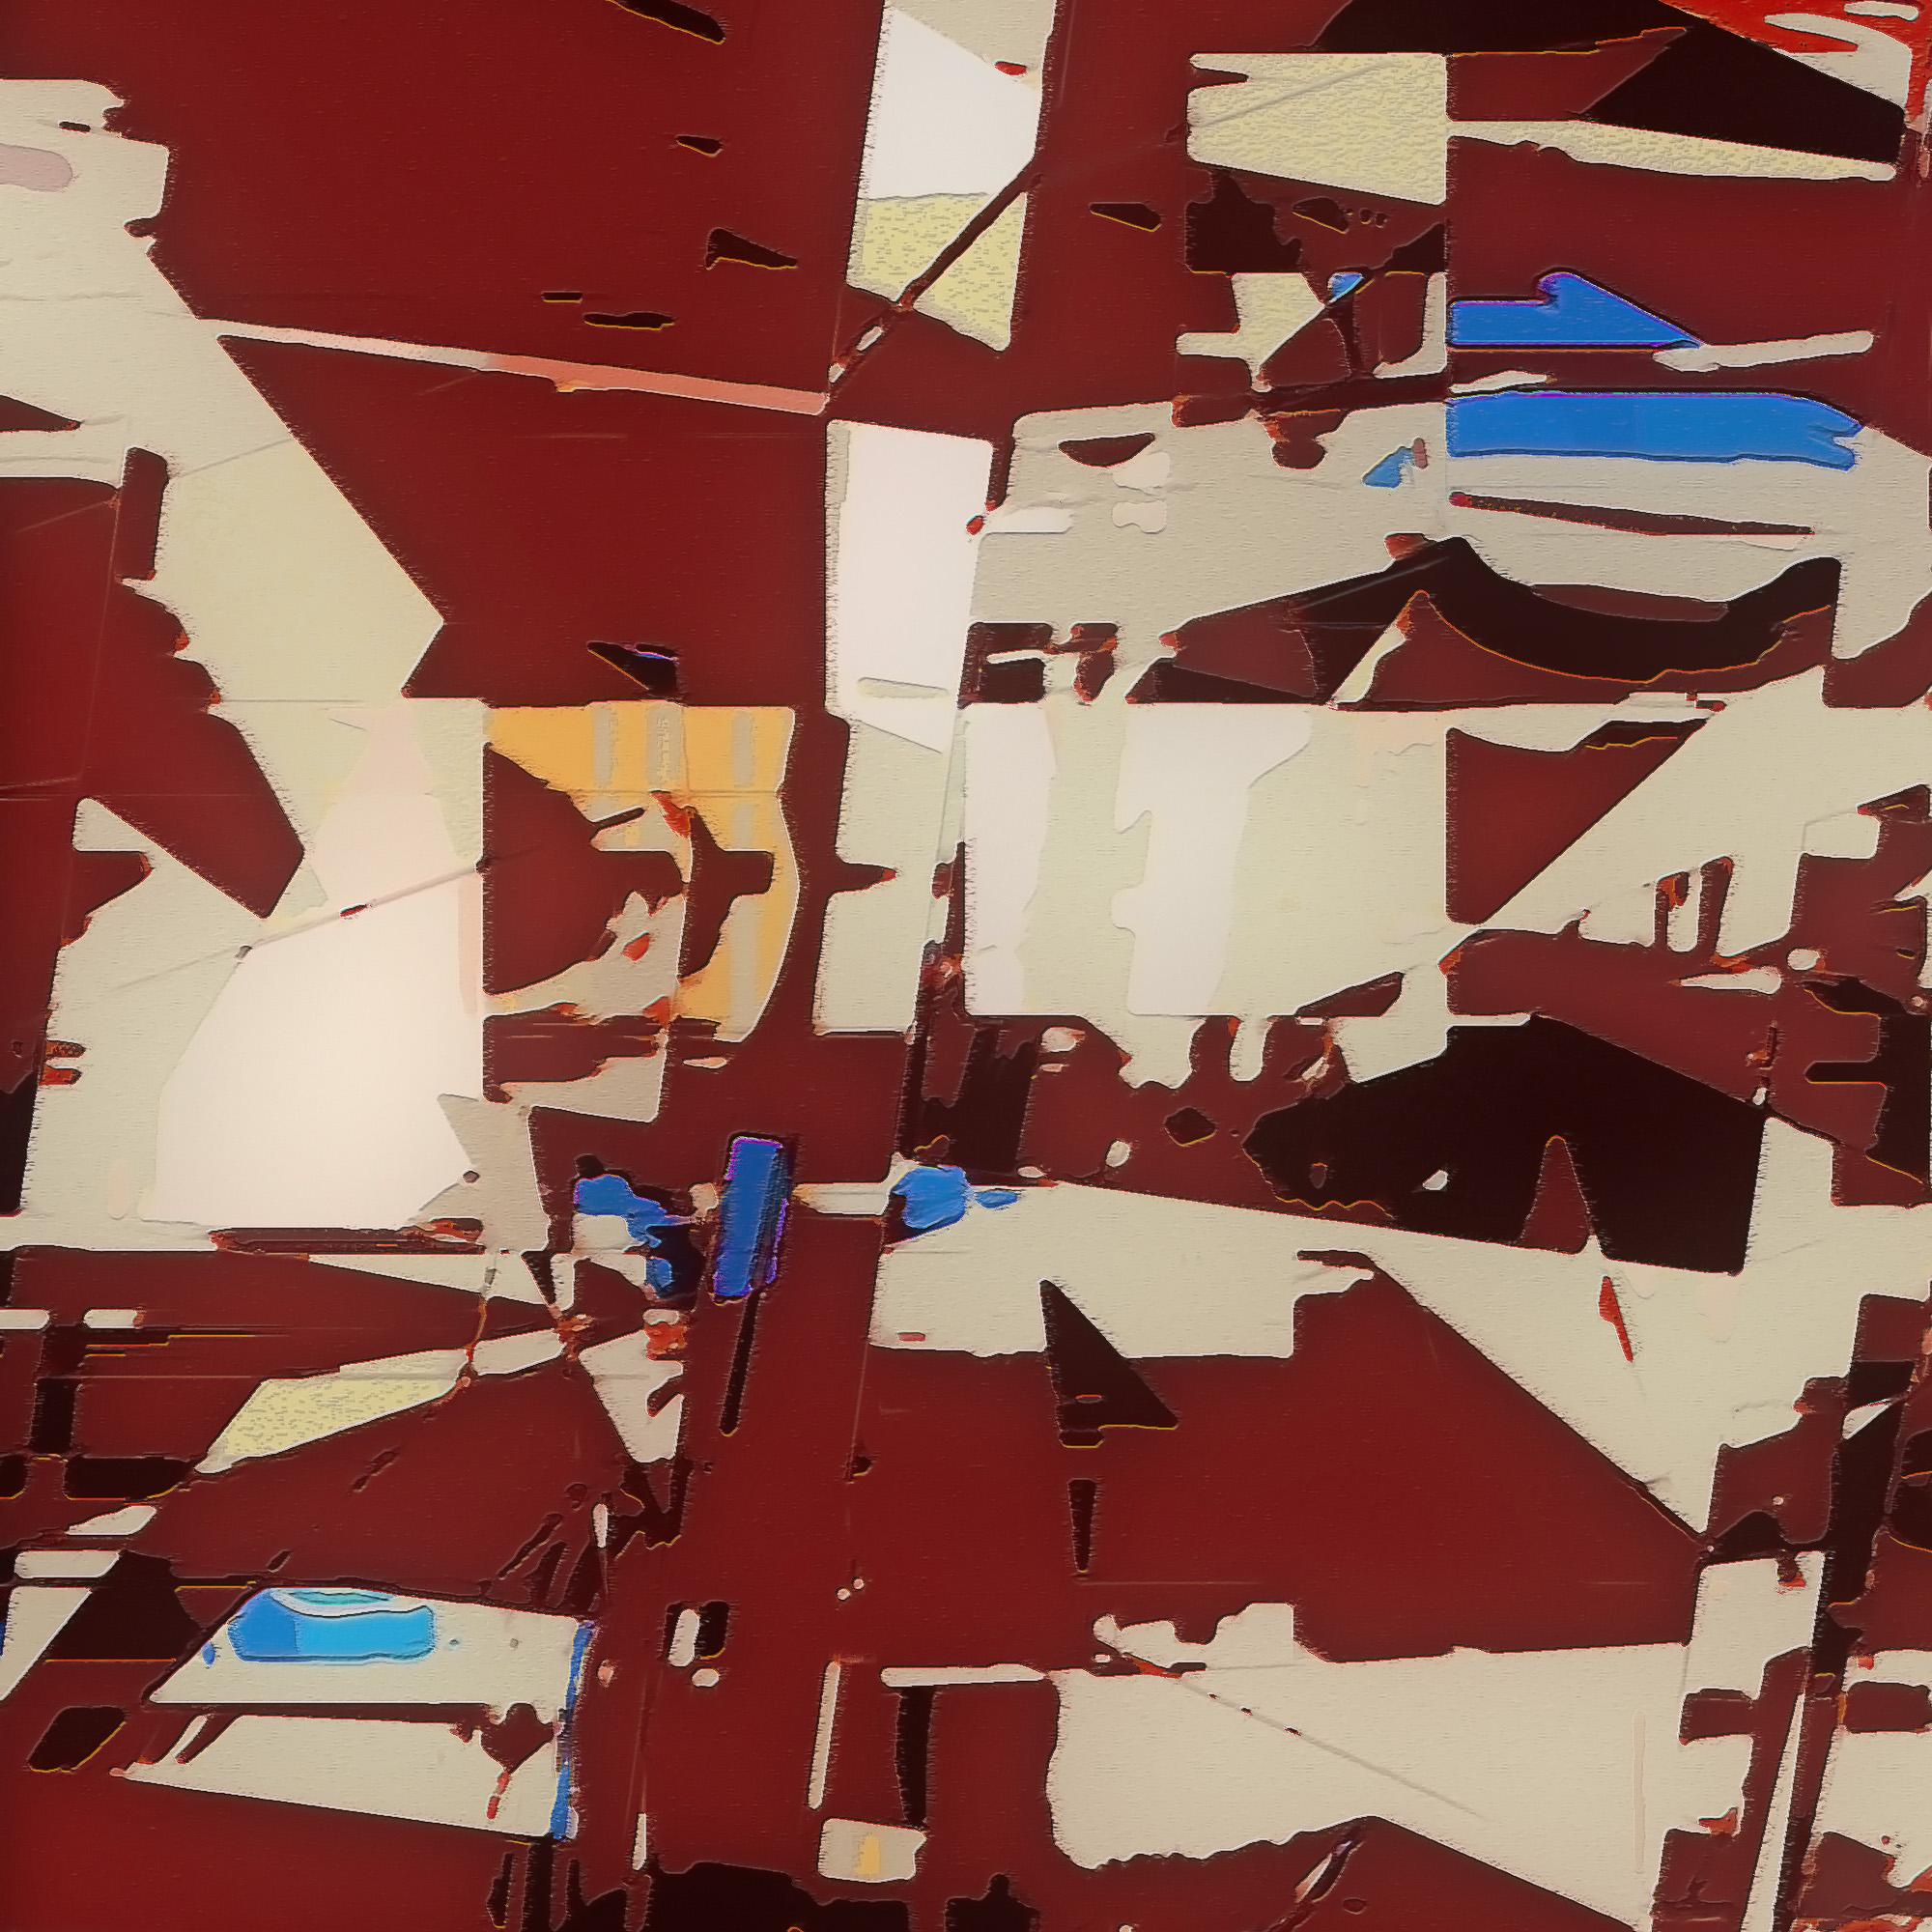 190502_Star_Dust_detail4.jpg